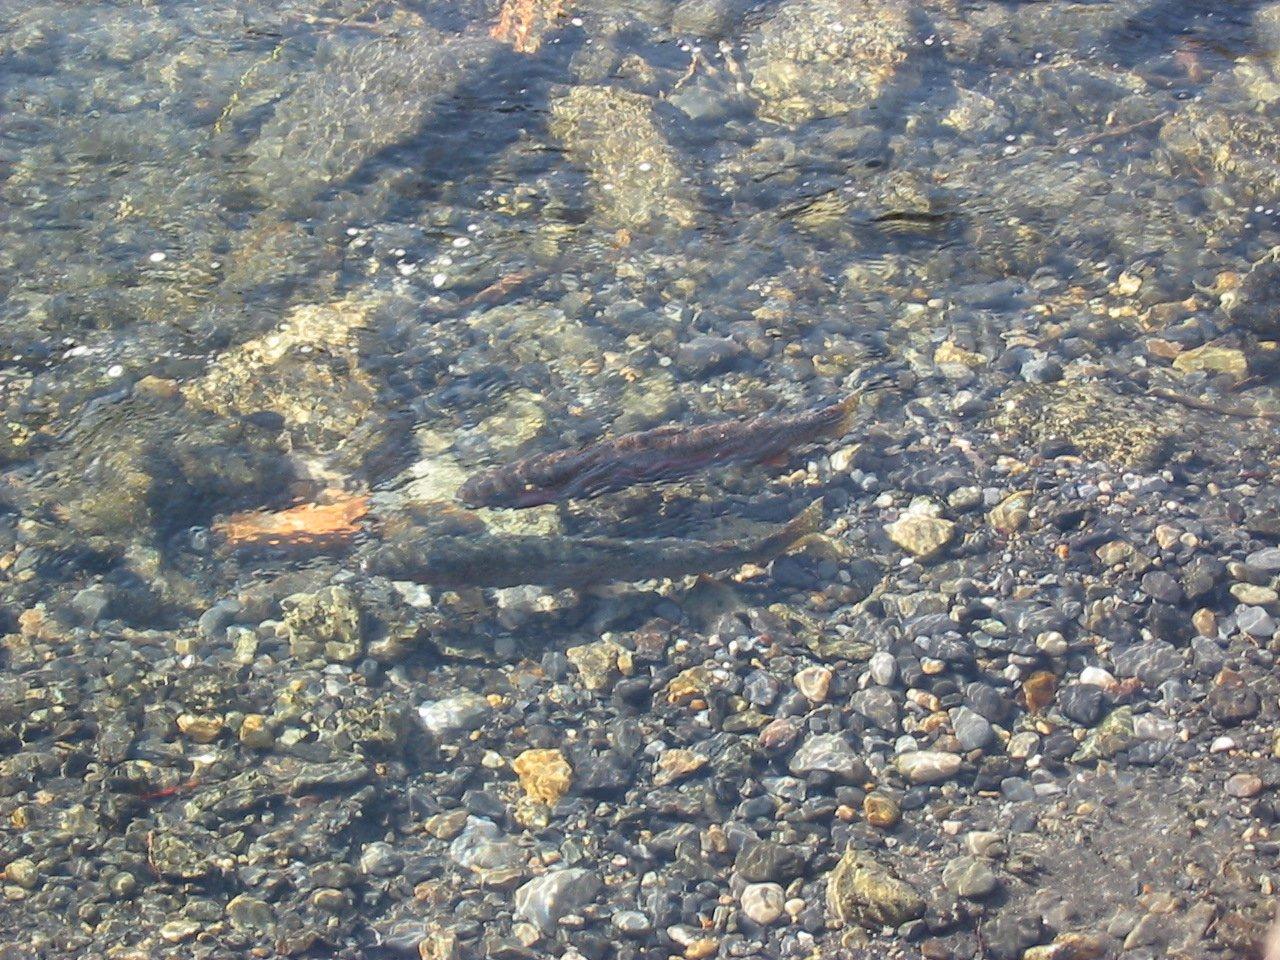 Steelhead Fish